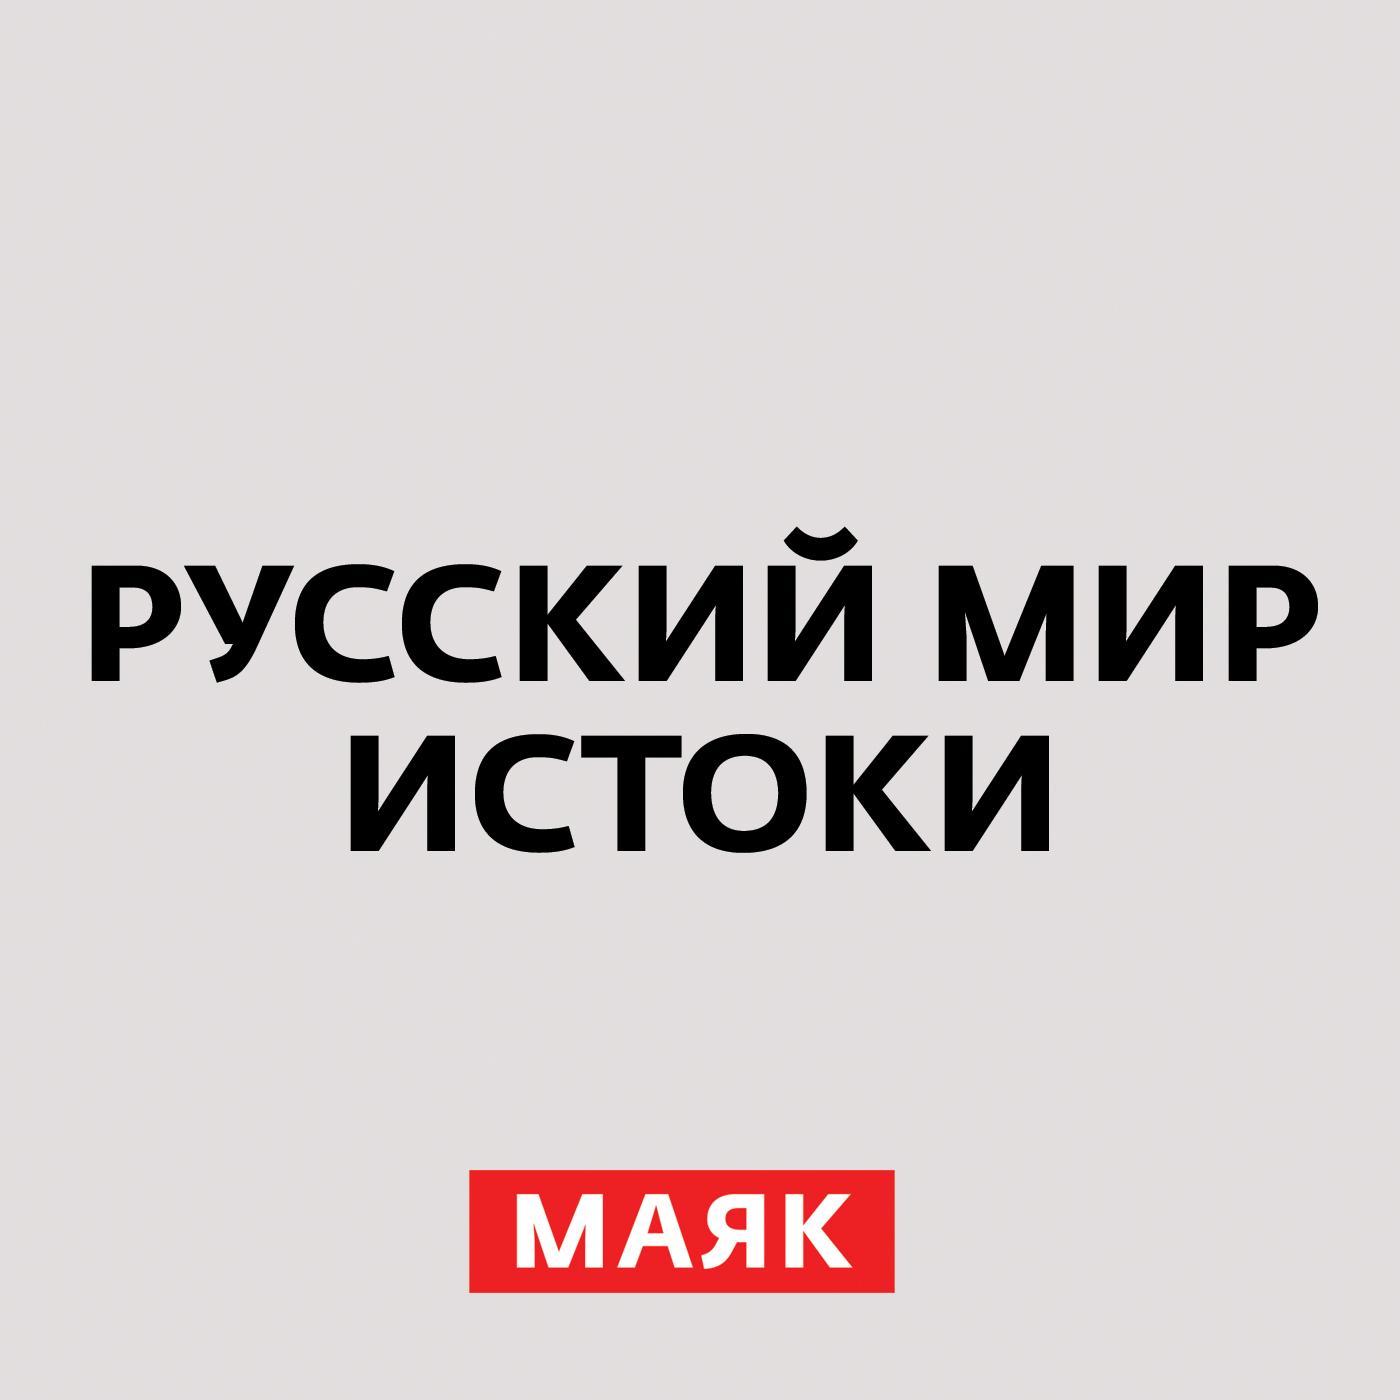 Творческий коллектив радио «Маяк» Князь Игорь творческий коллектив радио маяк теща